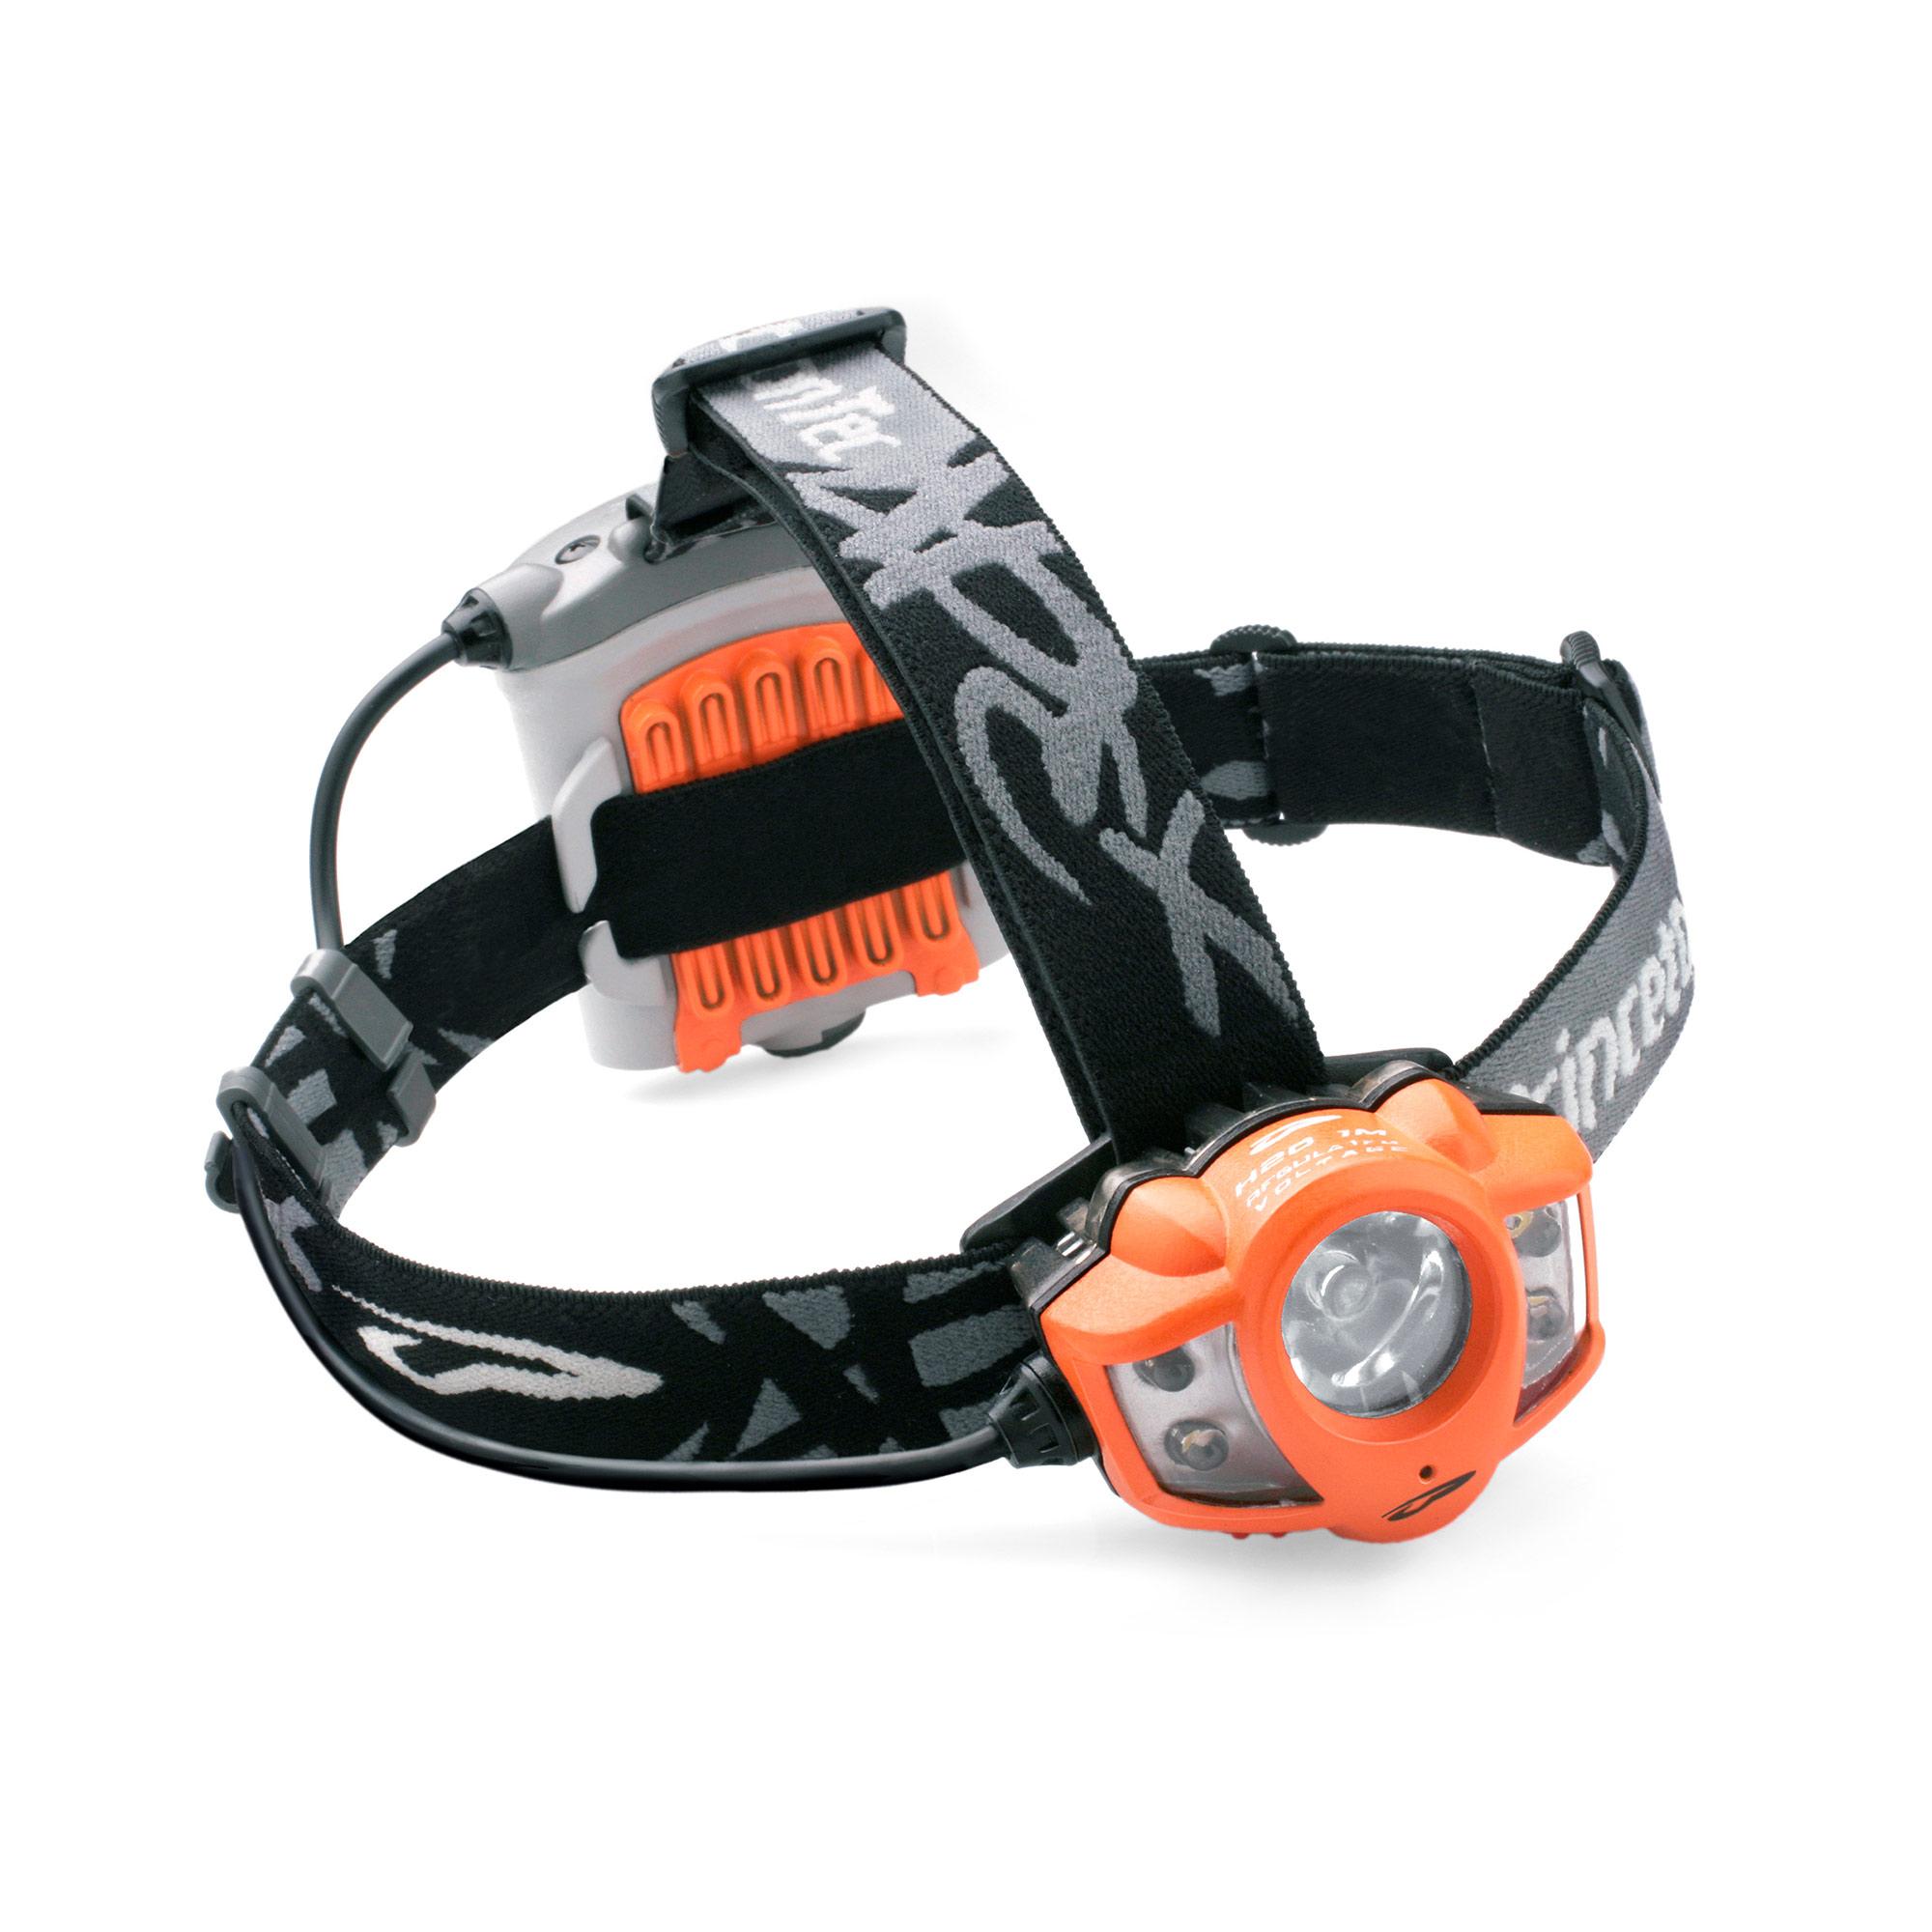 Apex Industrial 250